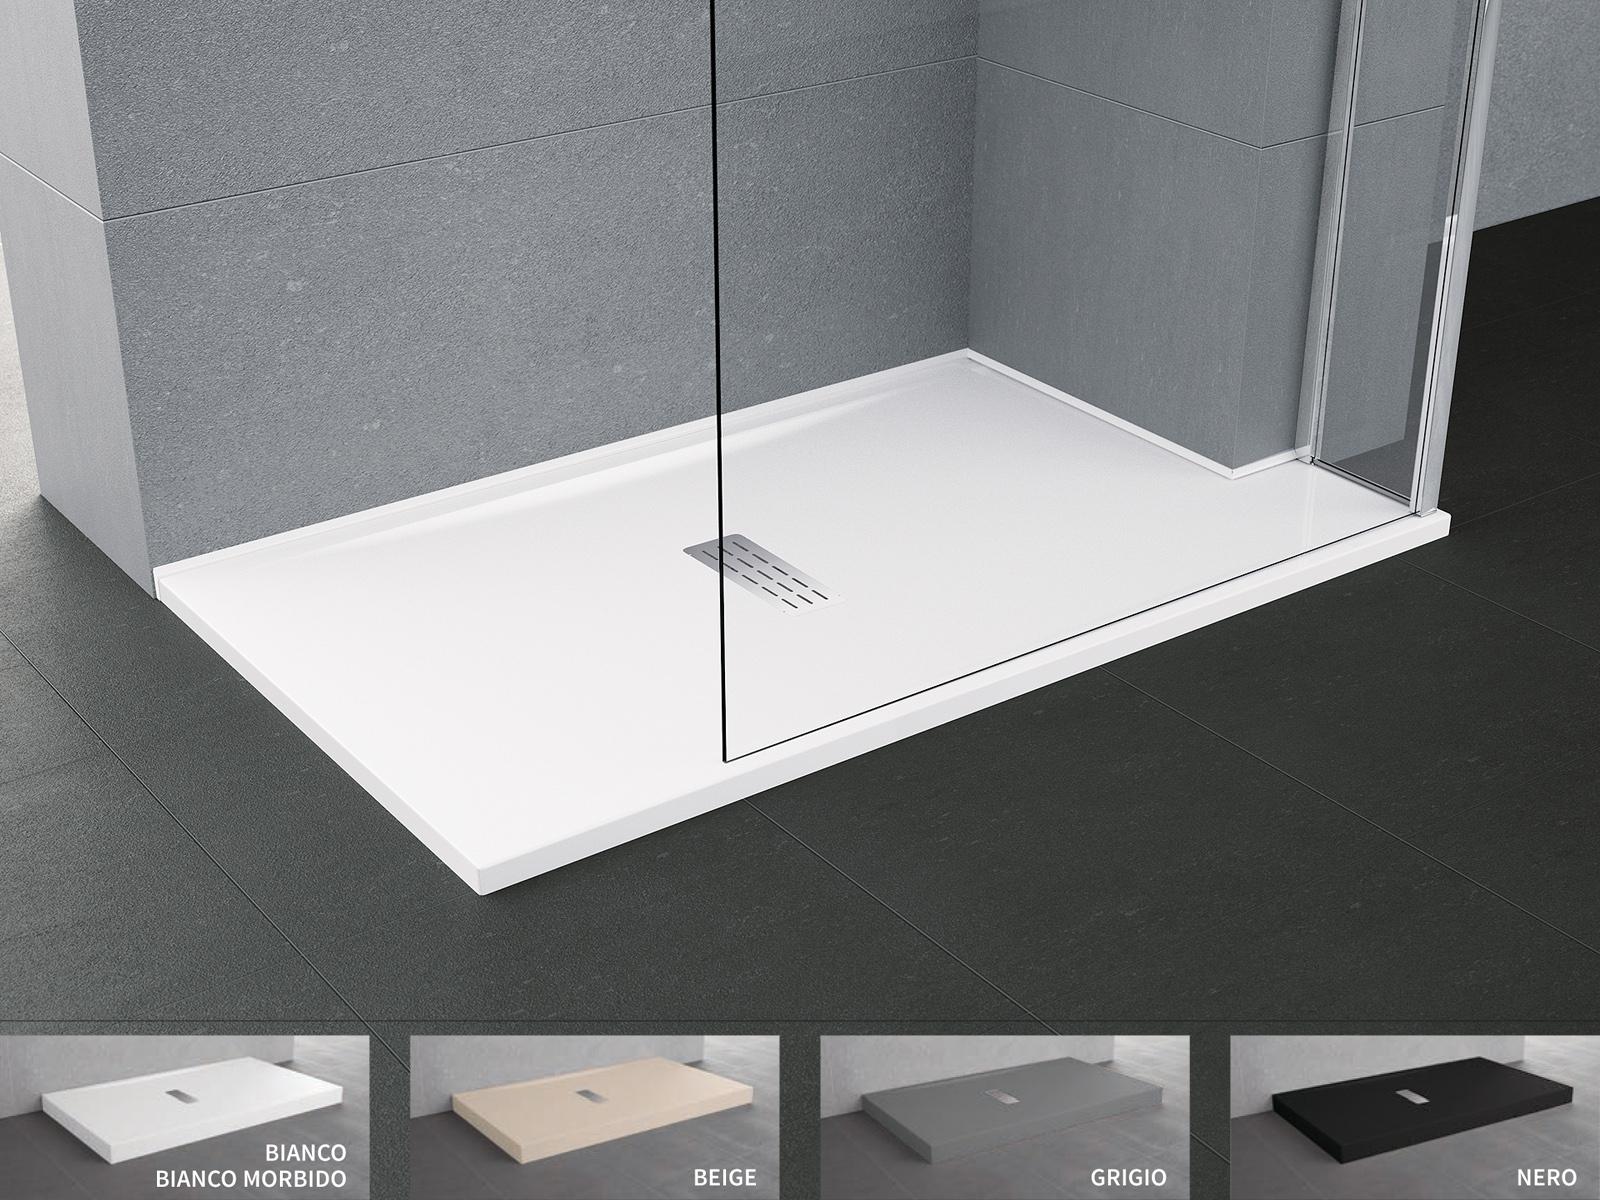 Piatto doccia novellini custom da appoggio filo pavimento sagomabile su misura sintesibagnoblog - Piatto doccia incassato nel pavimento ...